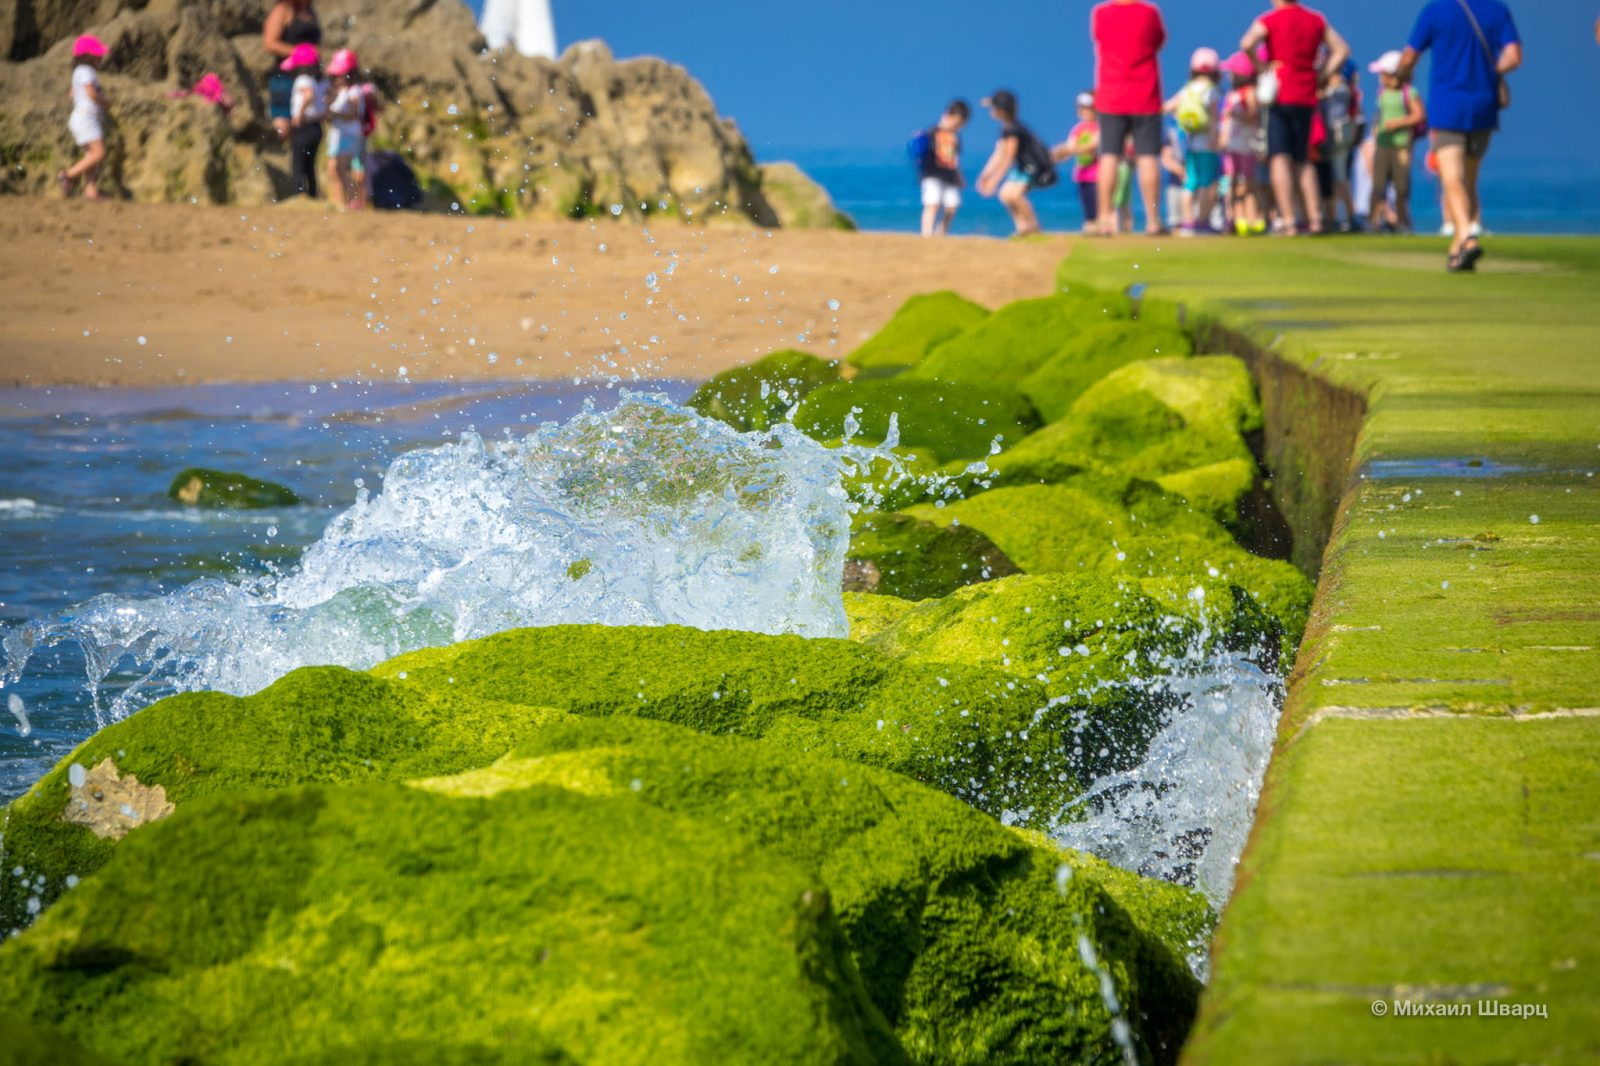 Зеленый ковер из водорослей на дорожке к острову